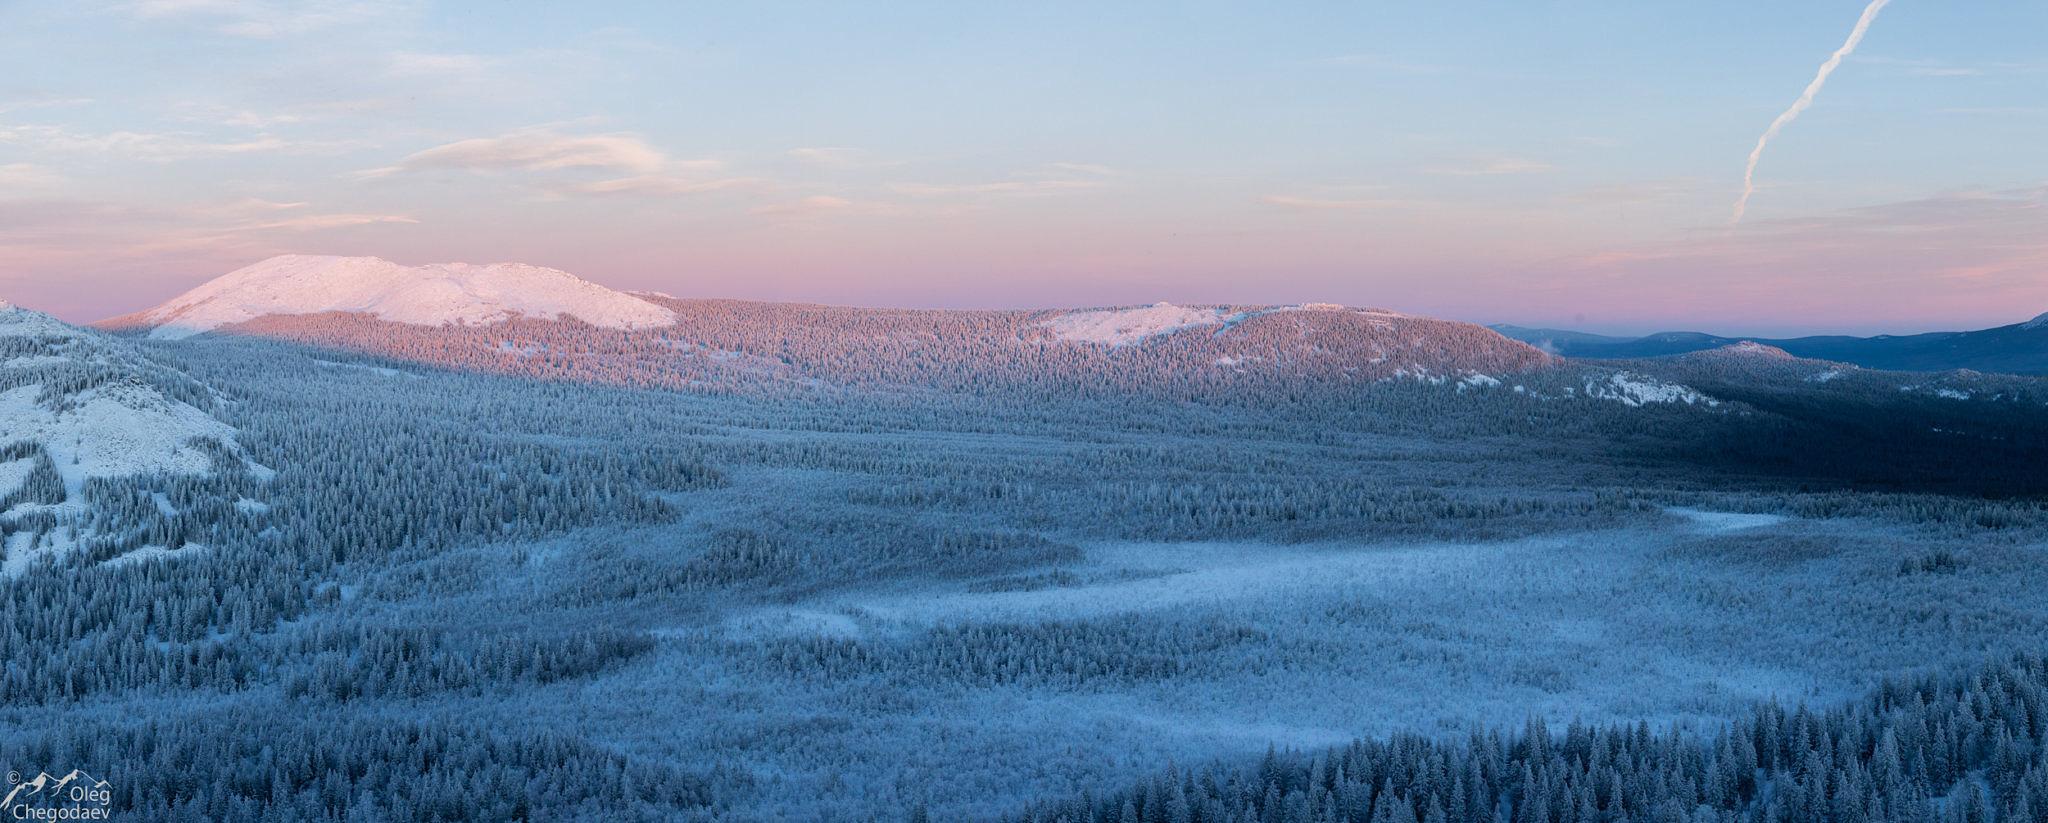 Хребет Зигальга, верховое болото в седловине